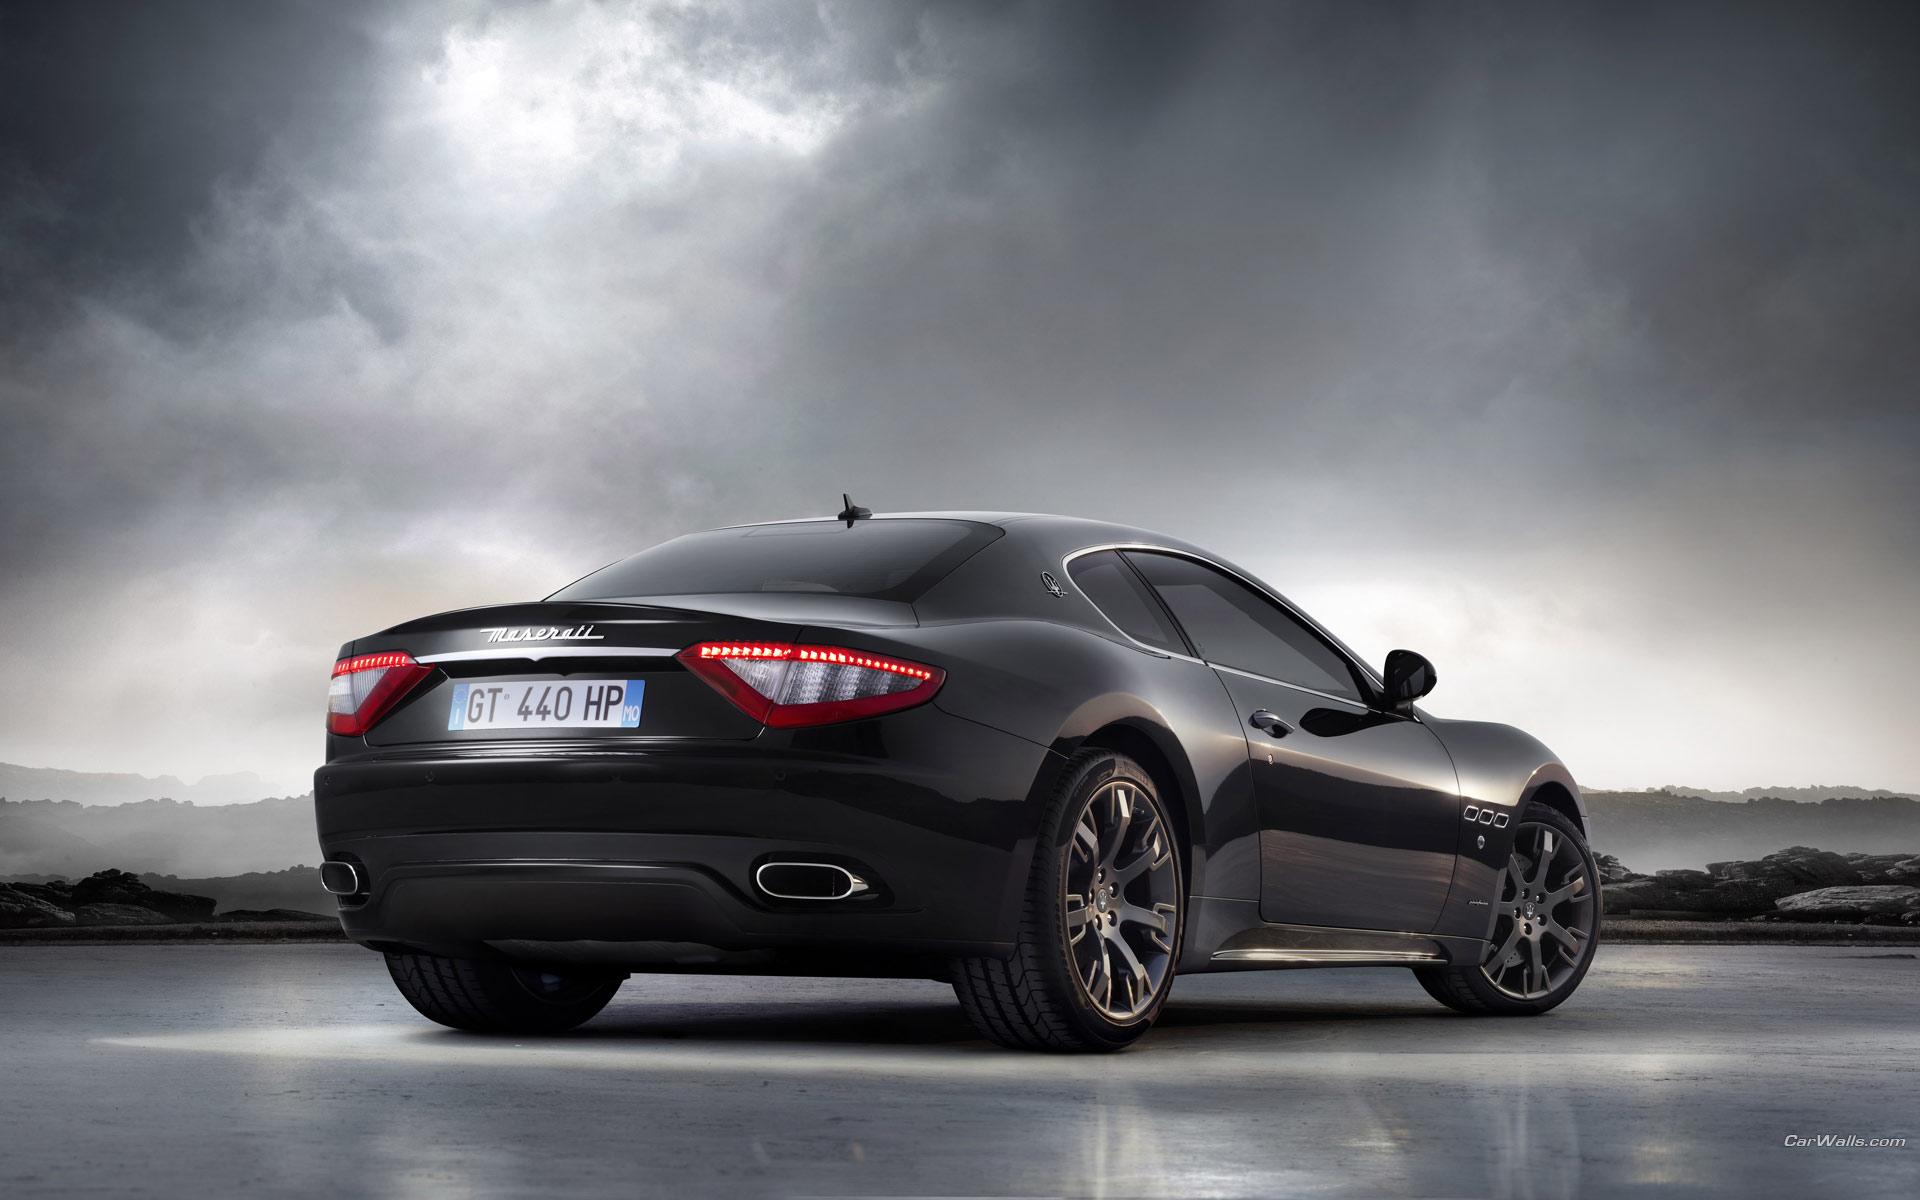 Suche Nach Maserati Gran Turismo S Pagenstecherde